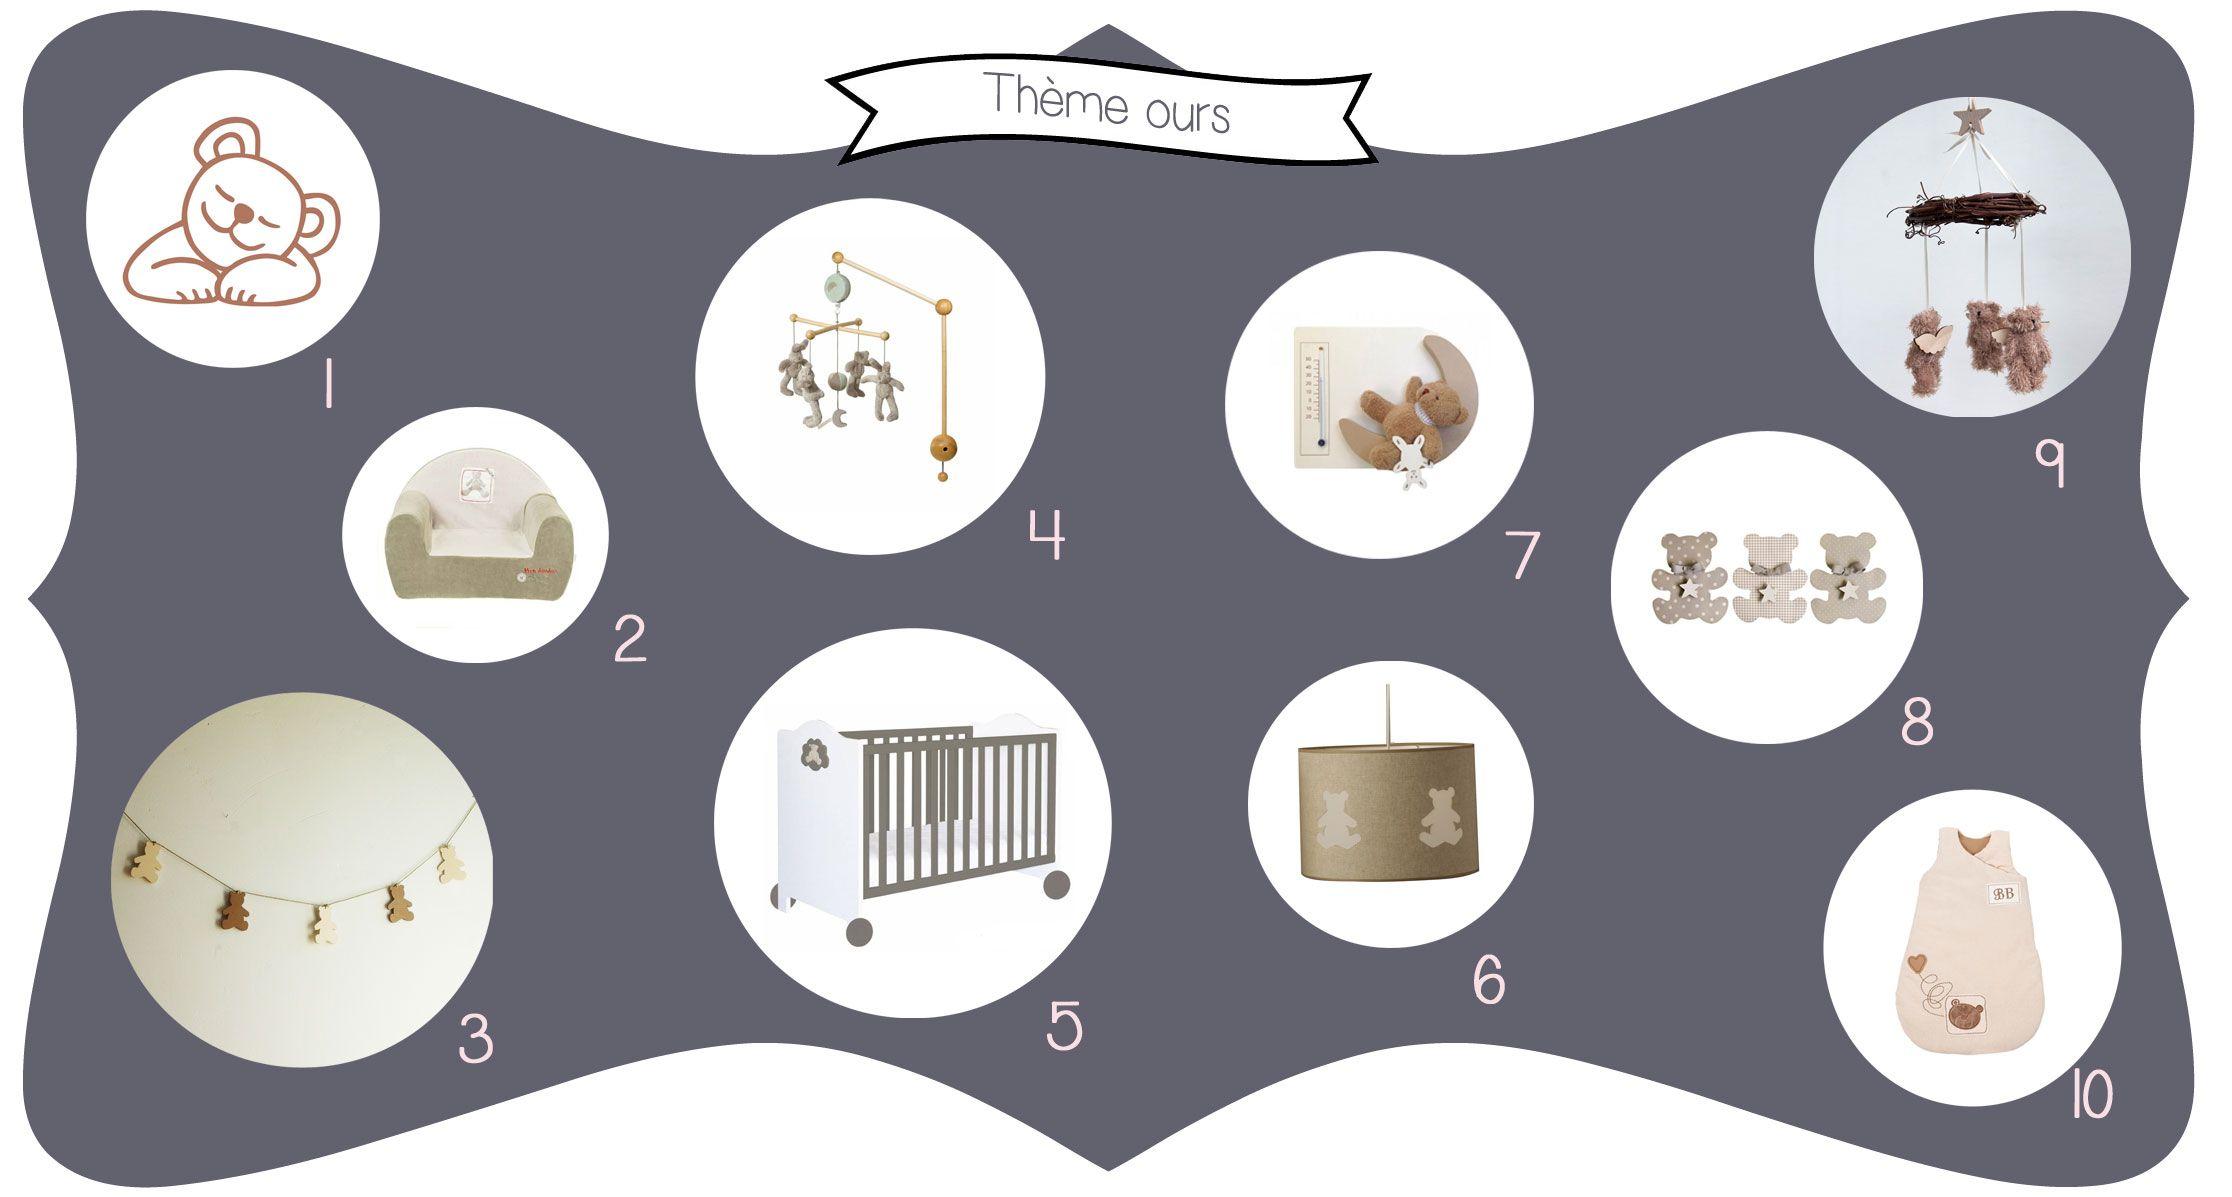 Idée chambre bébé thème Ours